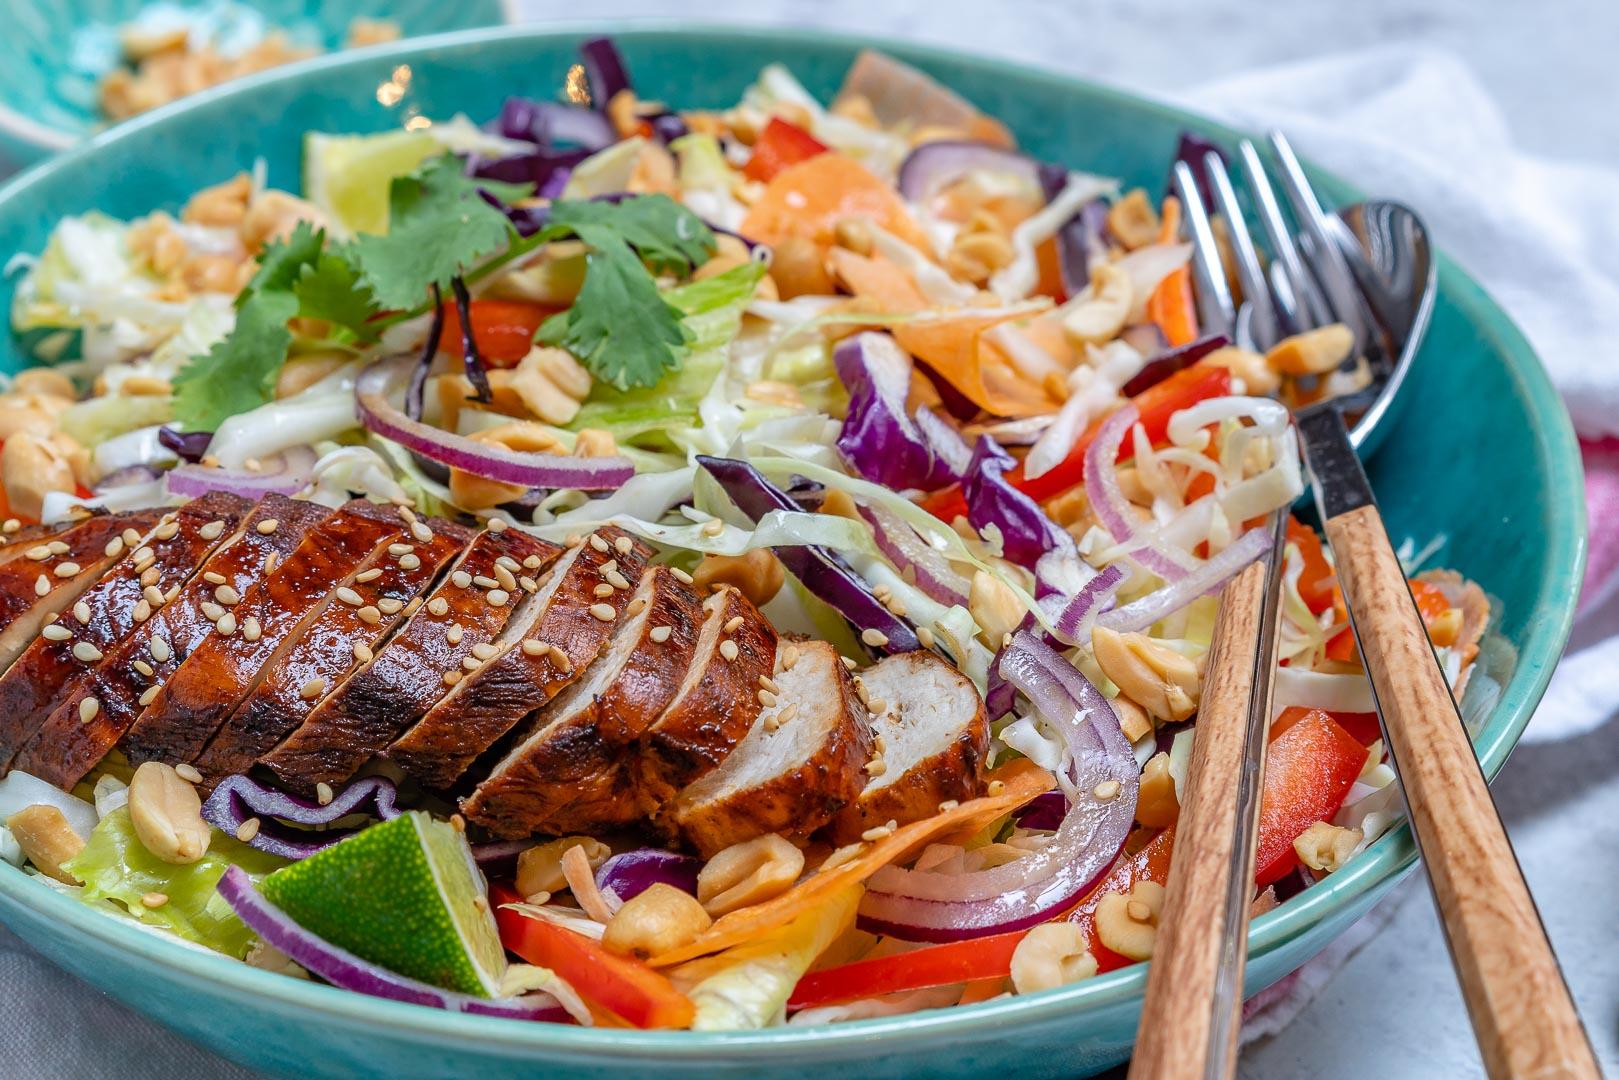 Chinese Blackened Chicken Salad